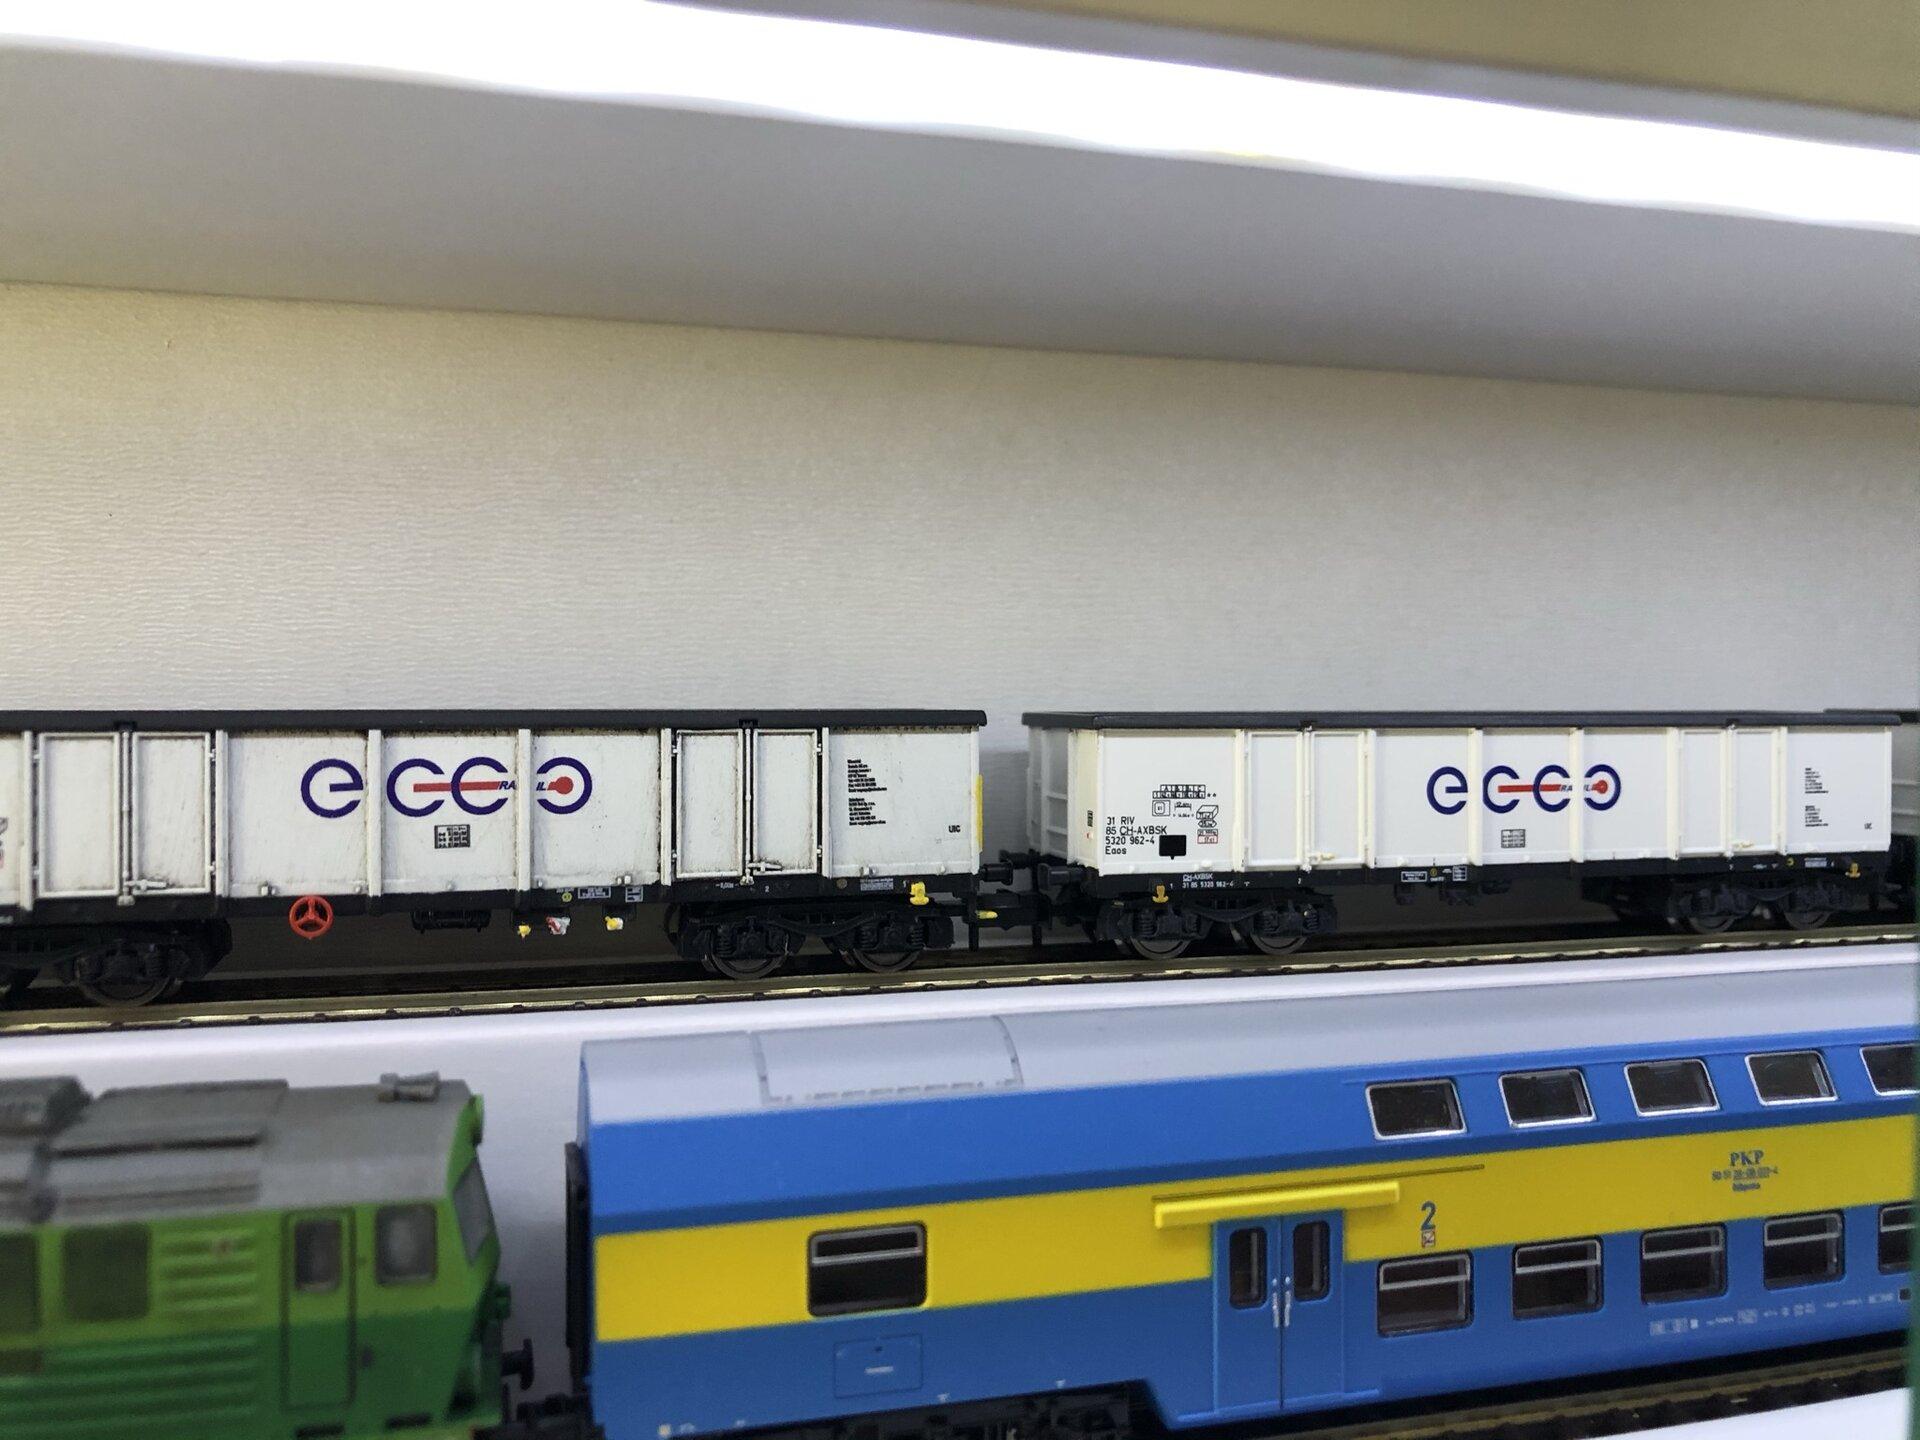 IMG_5078.JPEG